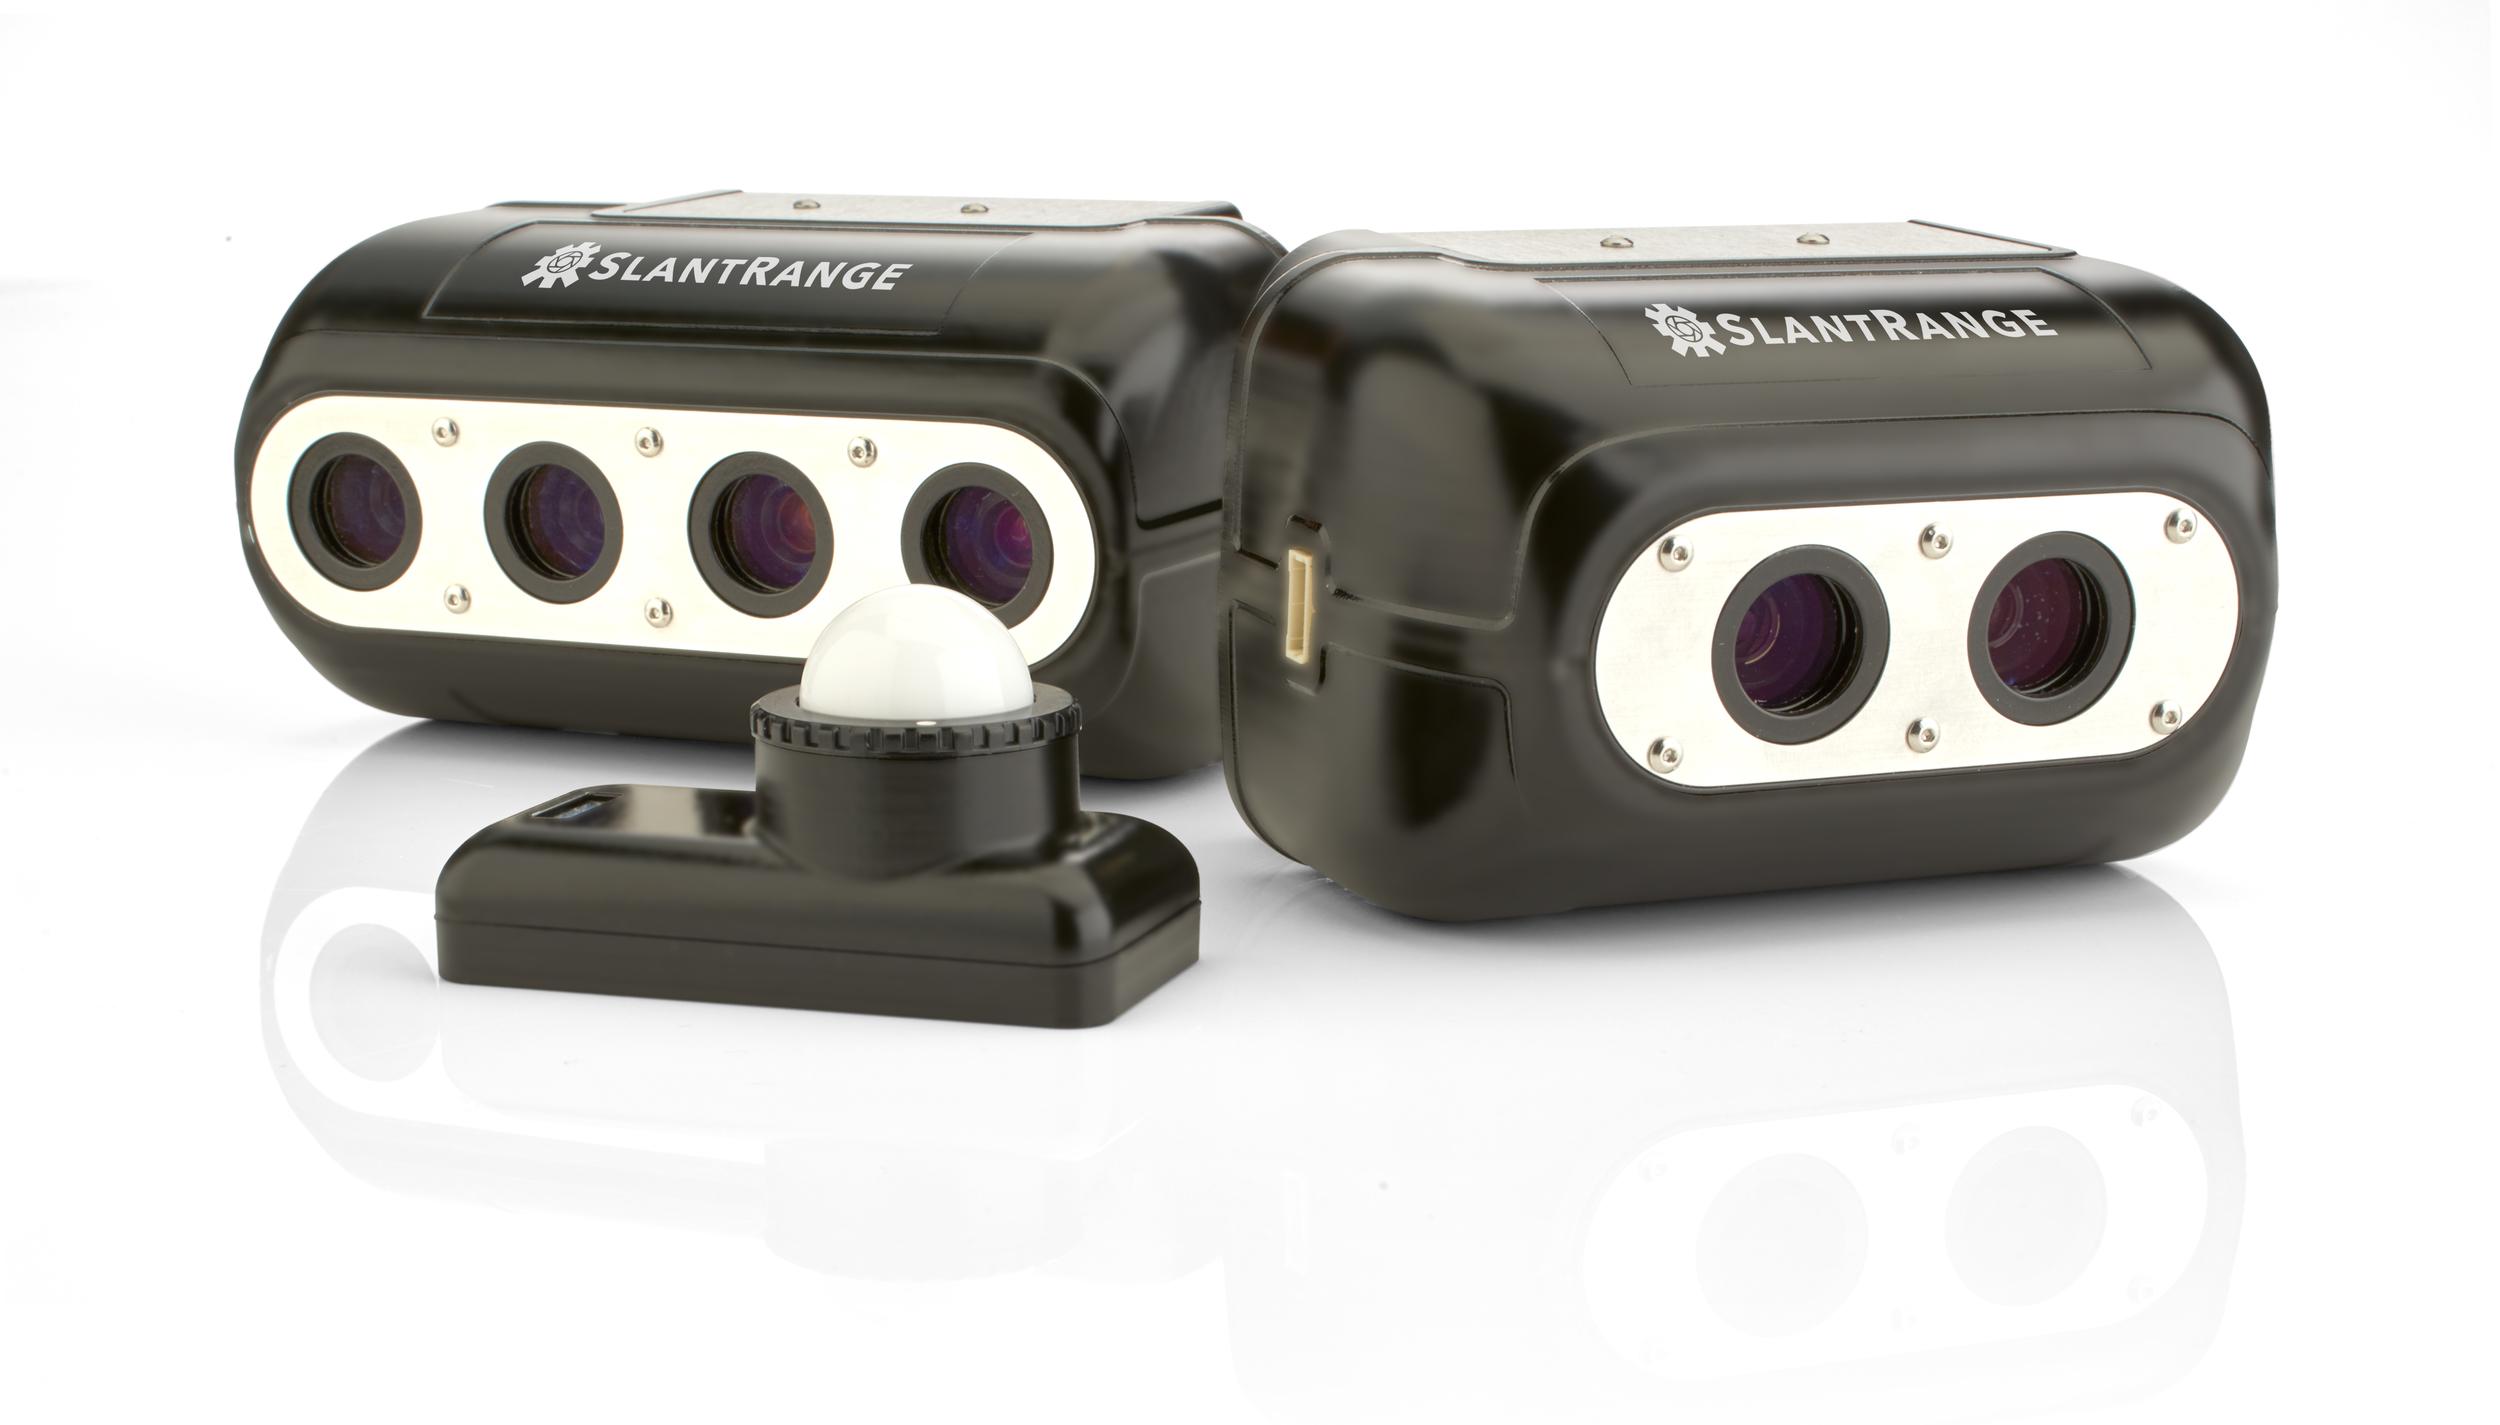 Two new sensors from Slantrange